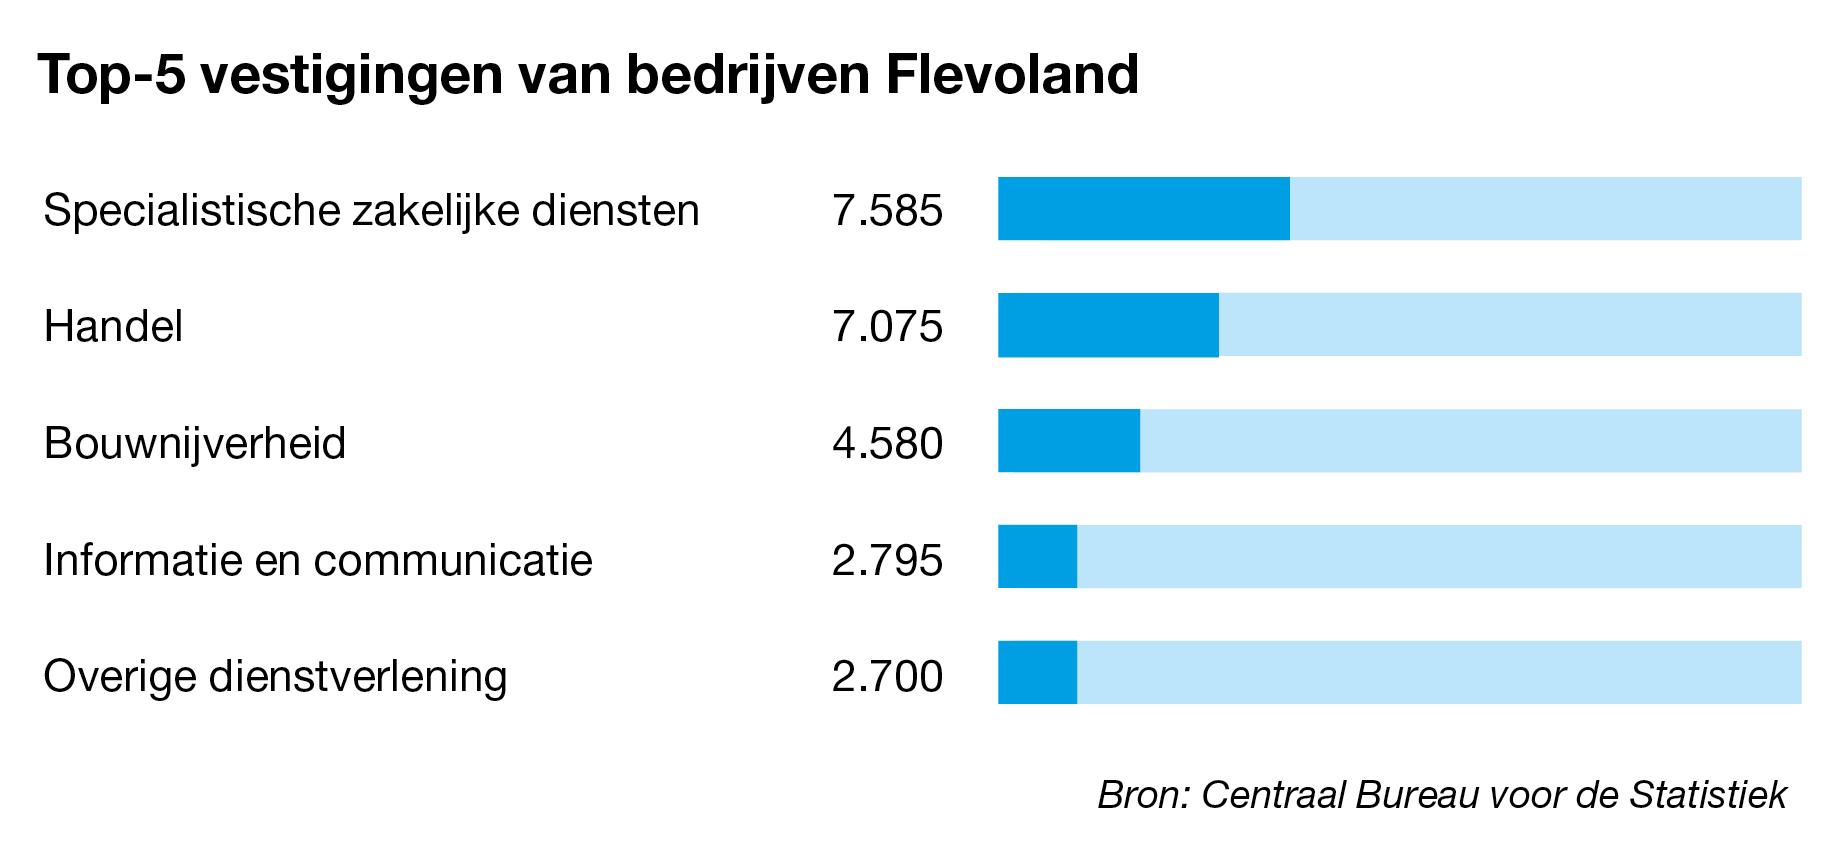 Bedrijven te koop in Flevoland